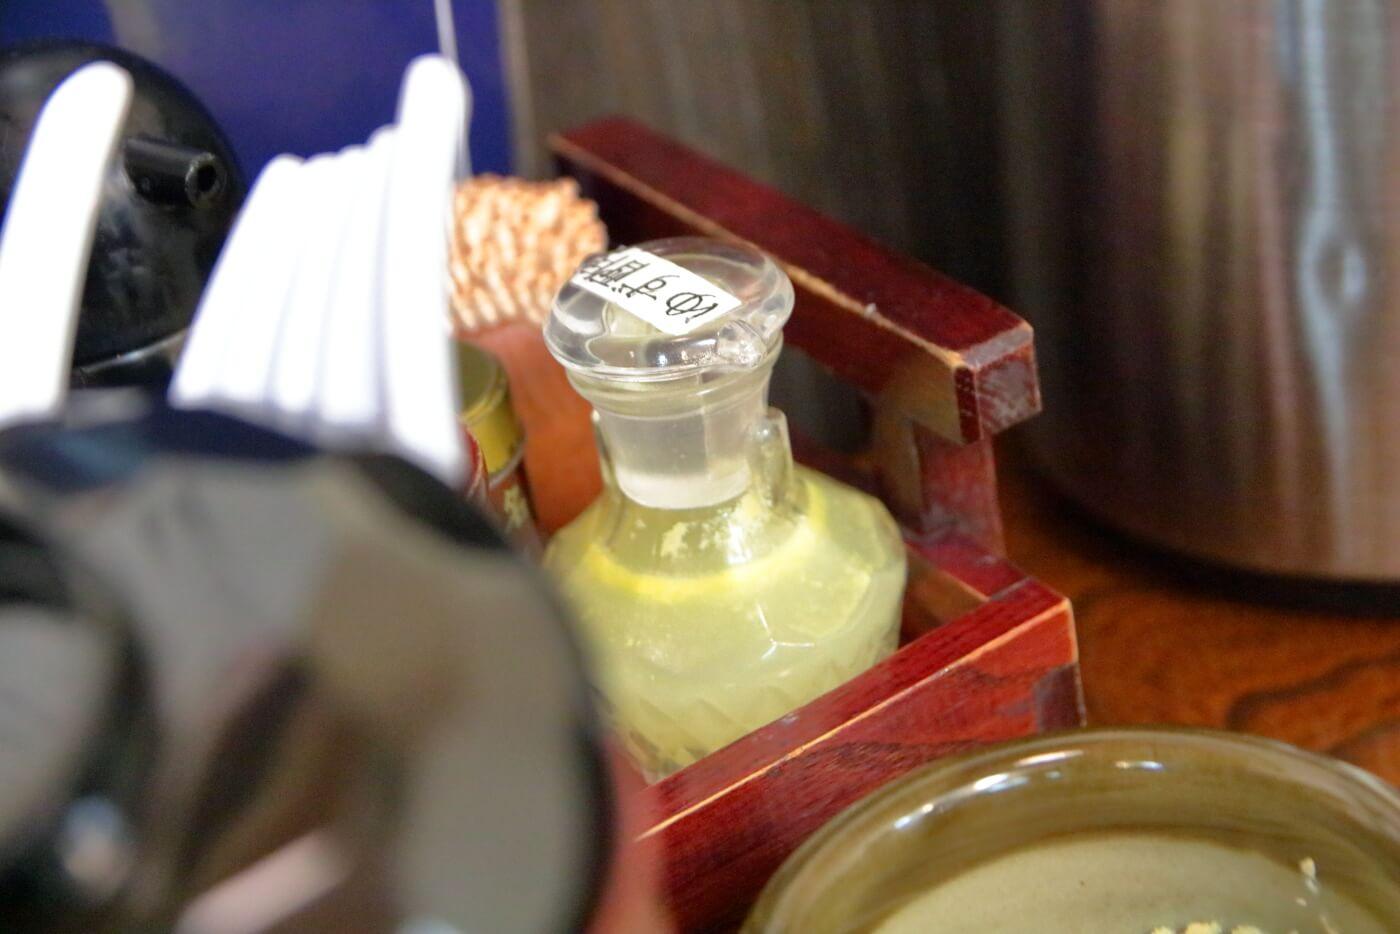 うどん専門店新富の内観 卓上に置かれた柚子酢